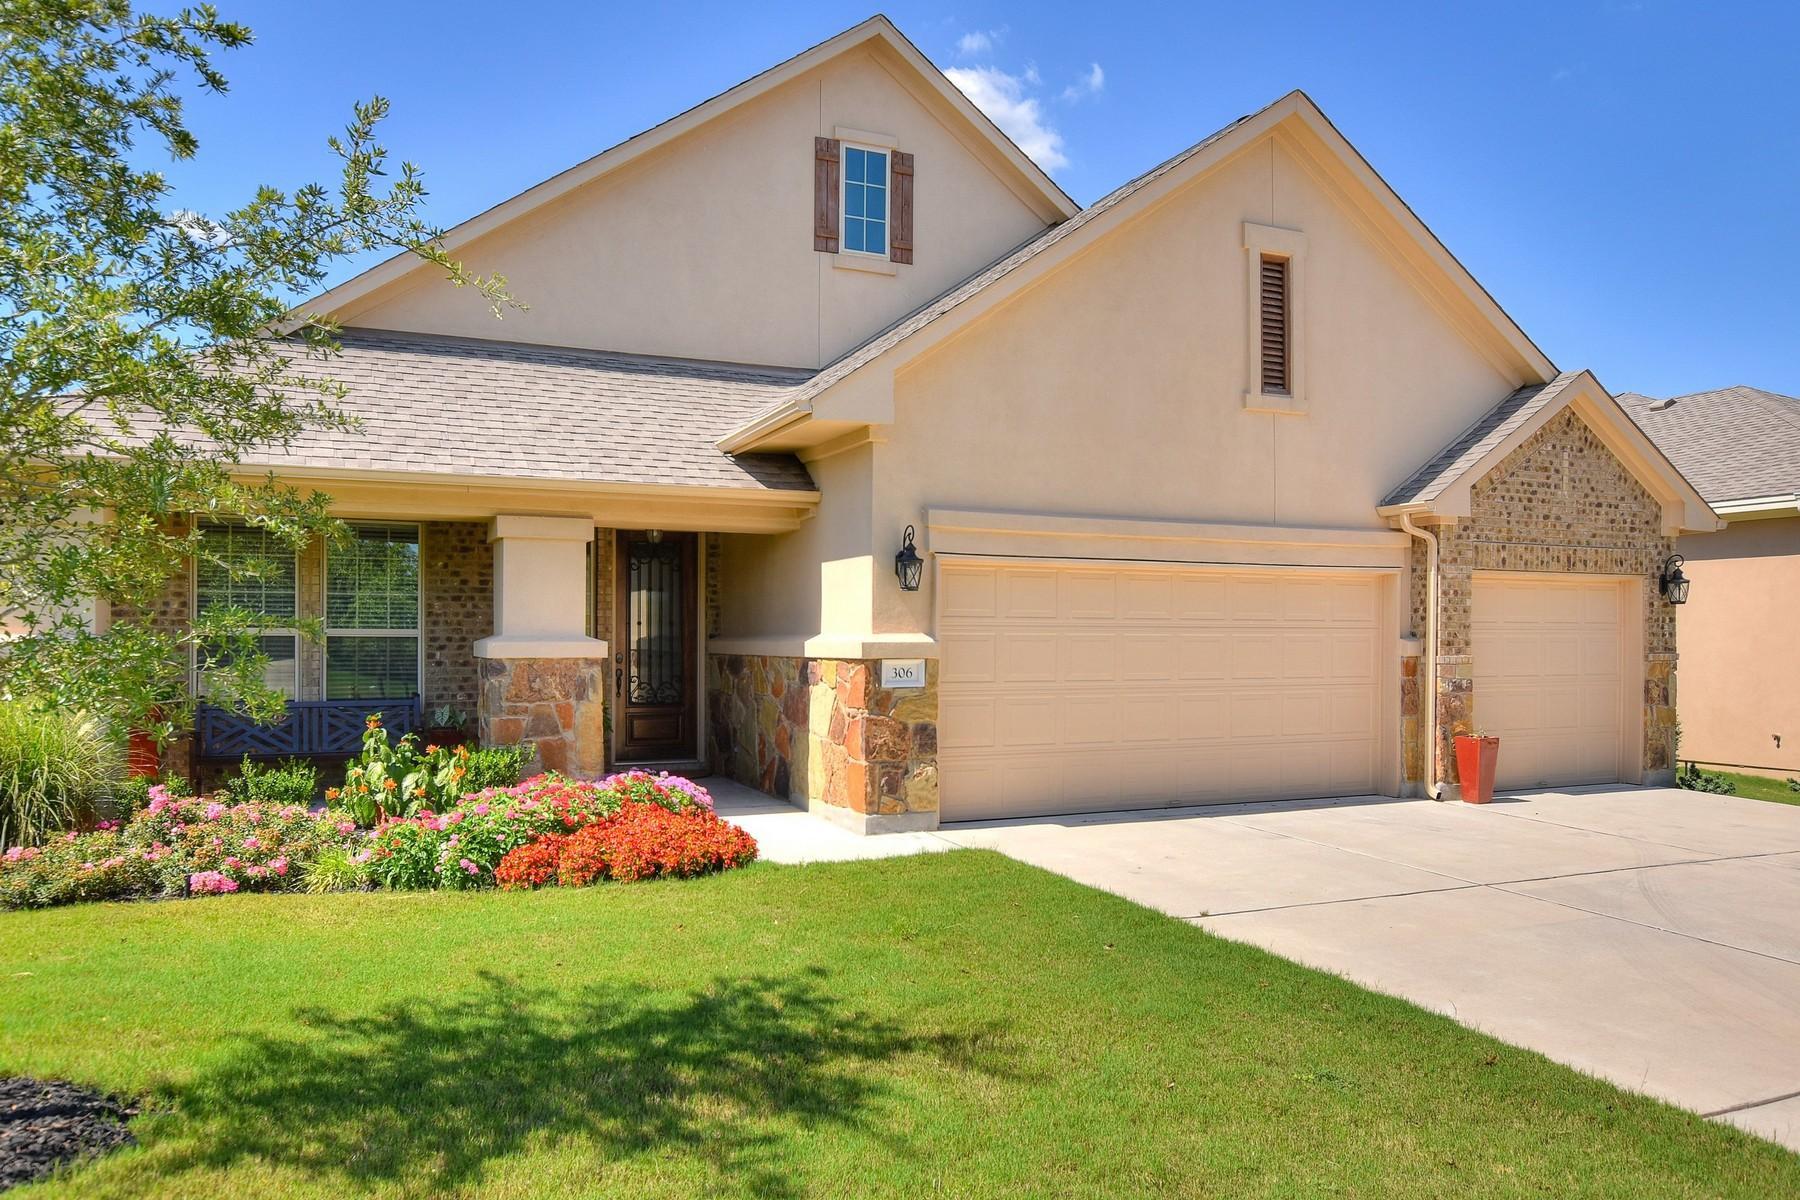 Casa Unifamiliar por un Venta en Stunning Home in Neighborly Reunion Ranch! 306 Emma Loop Austin, Texas 78737 Estados Unidos